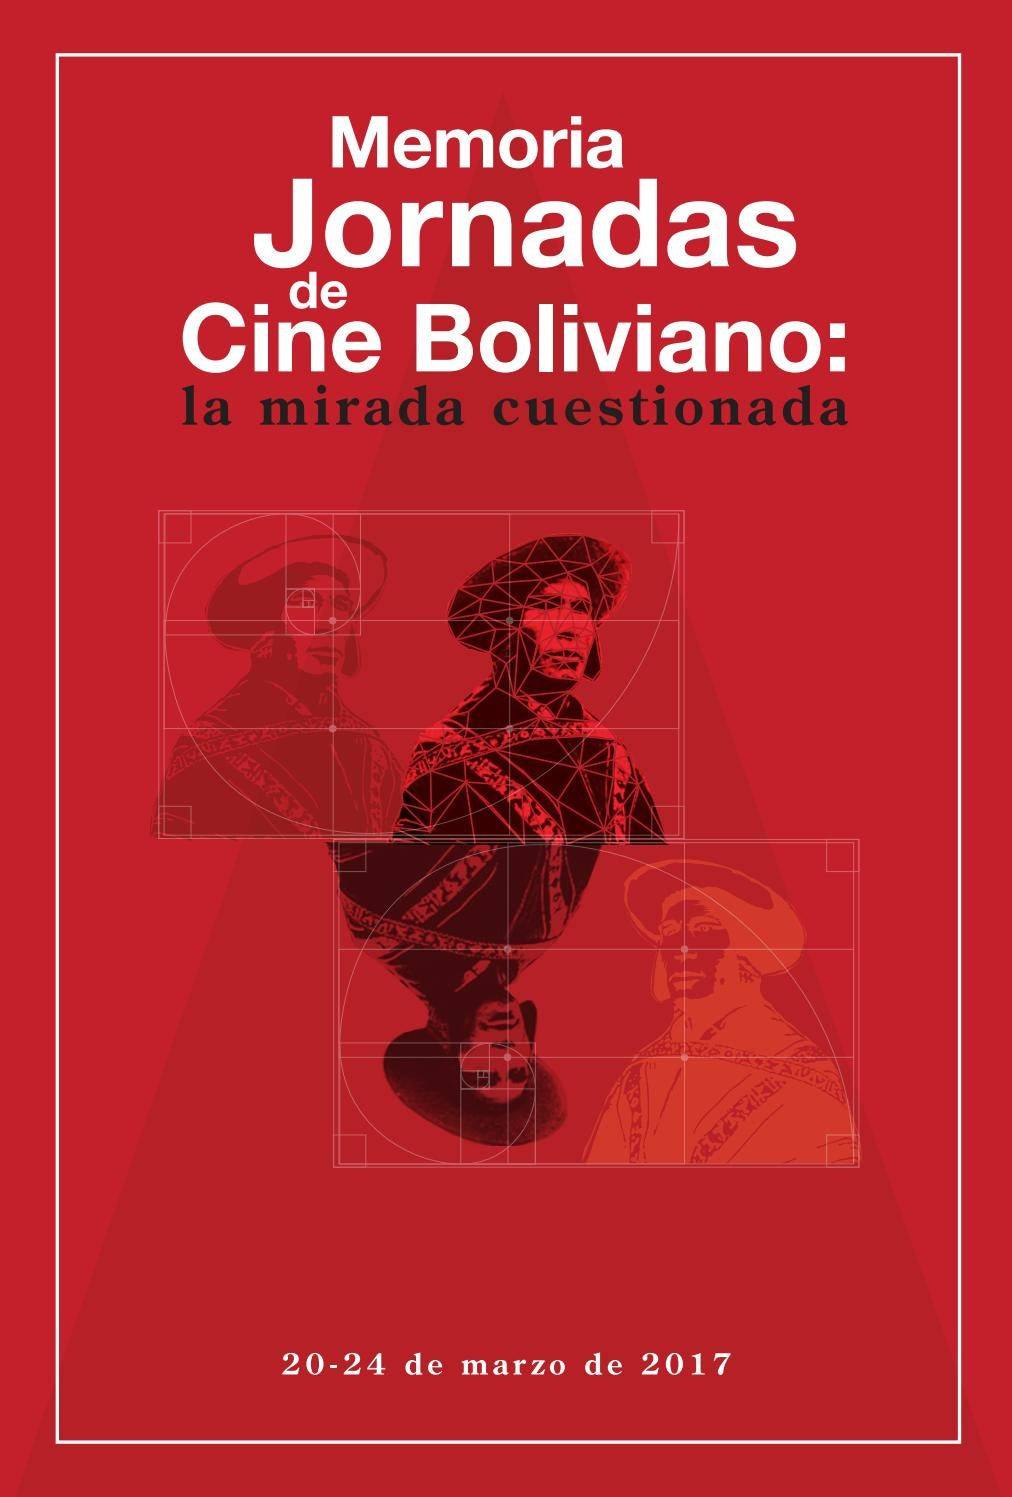 Jornadas De Cine Boliviano La Mirada Cuestionada By Aecid